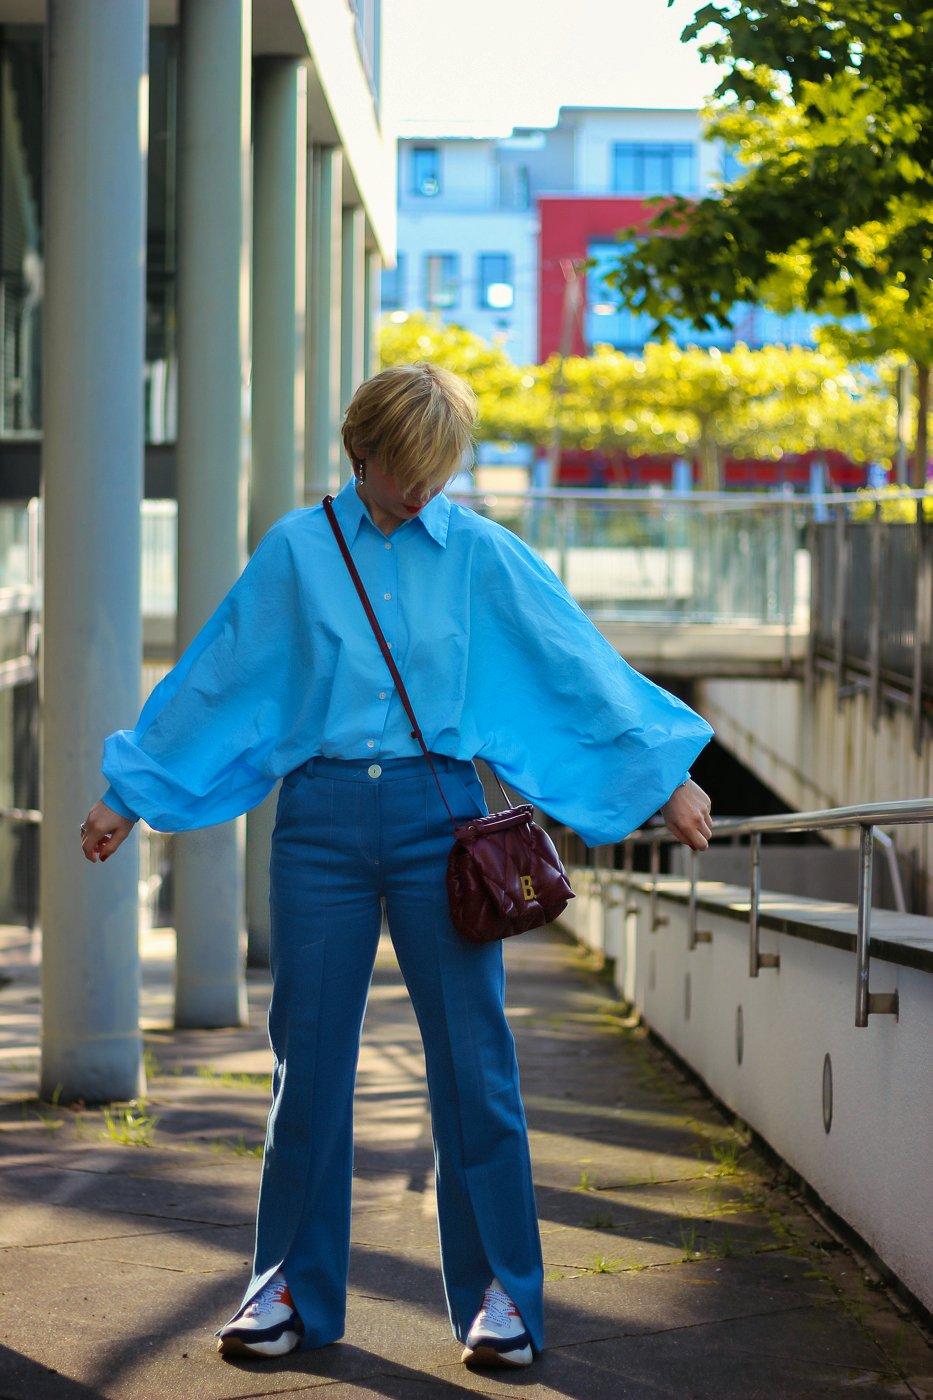 conny doll lifestyle: Weite Ärmeln sind ein Hingucker aber unpraktisch - who cares?